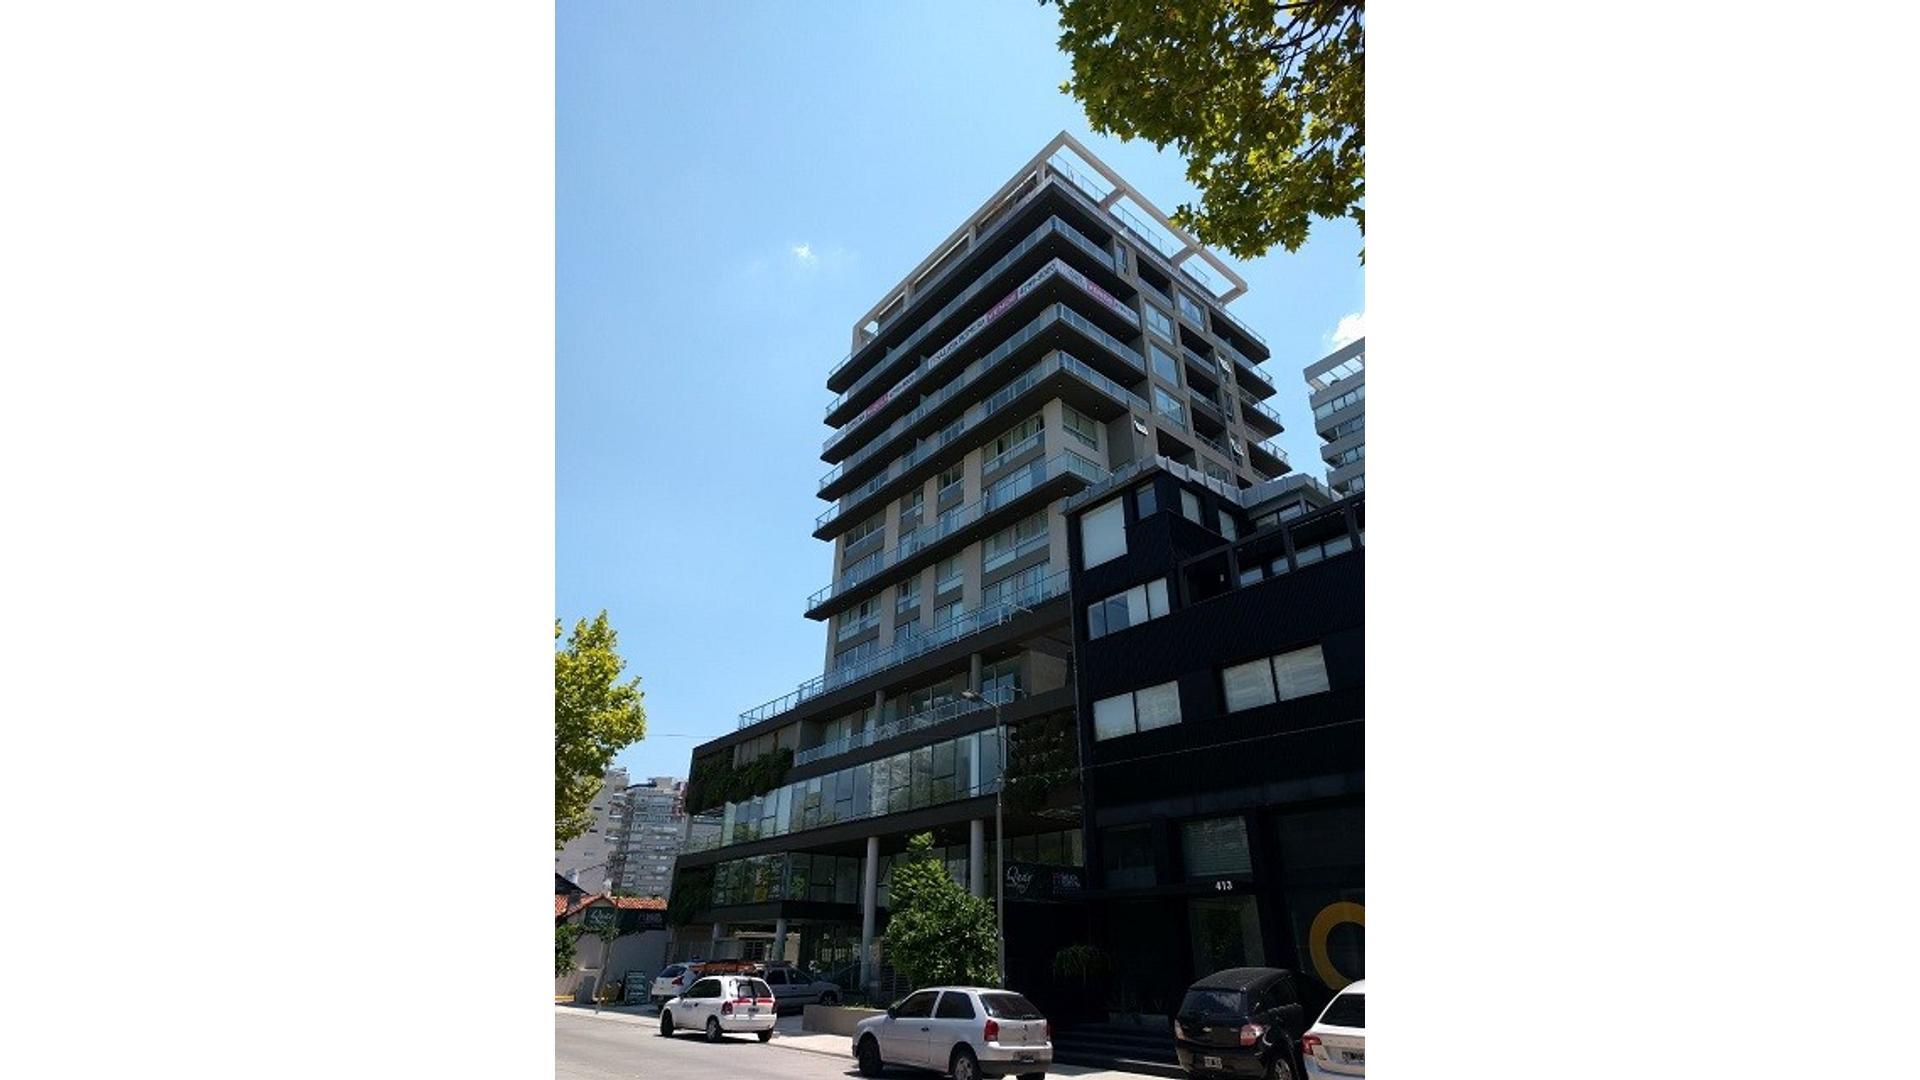 Departamento - Venta - Argentina, Olivos - Boulevard Camacuá  AL 400